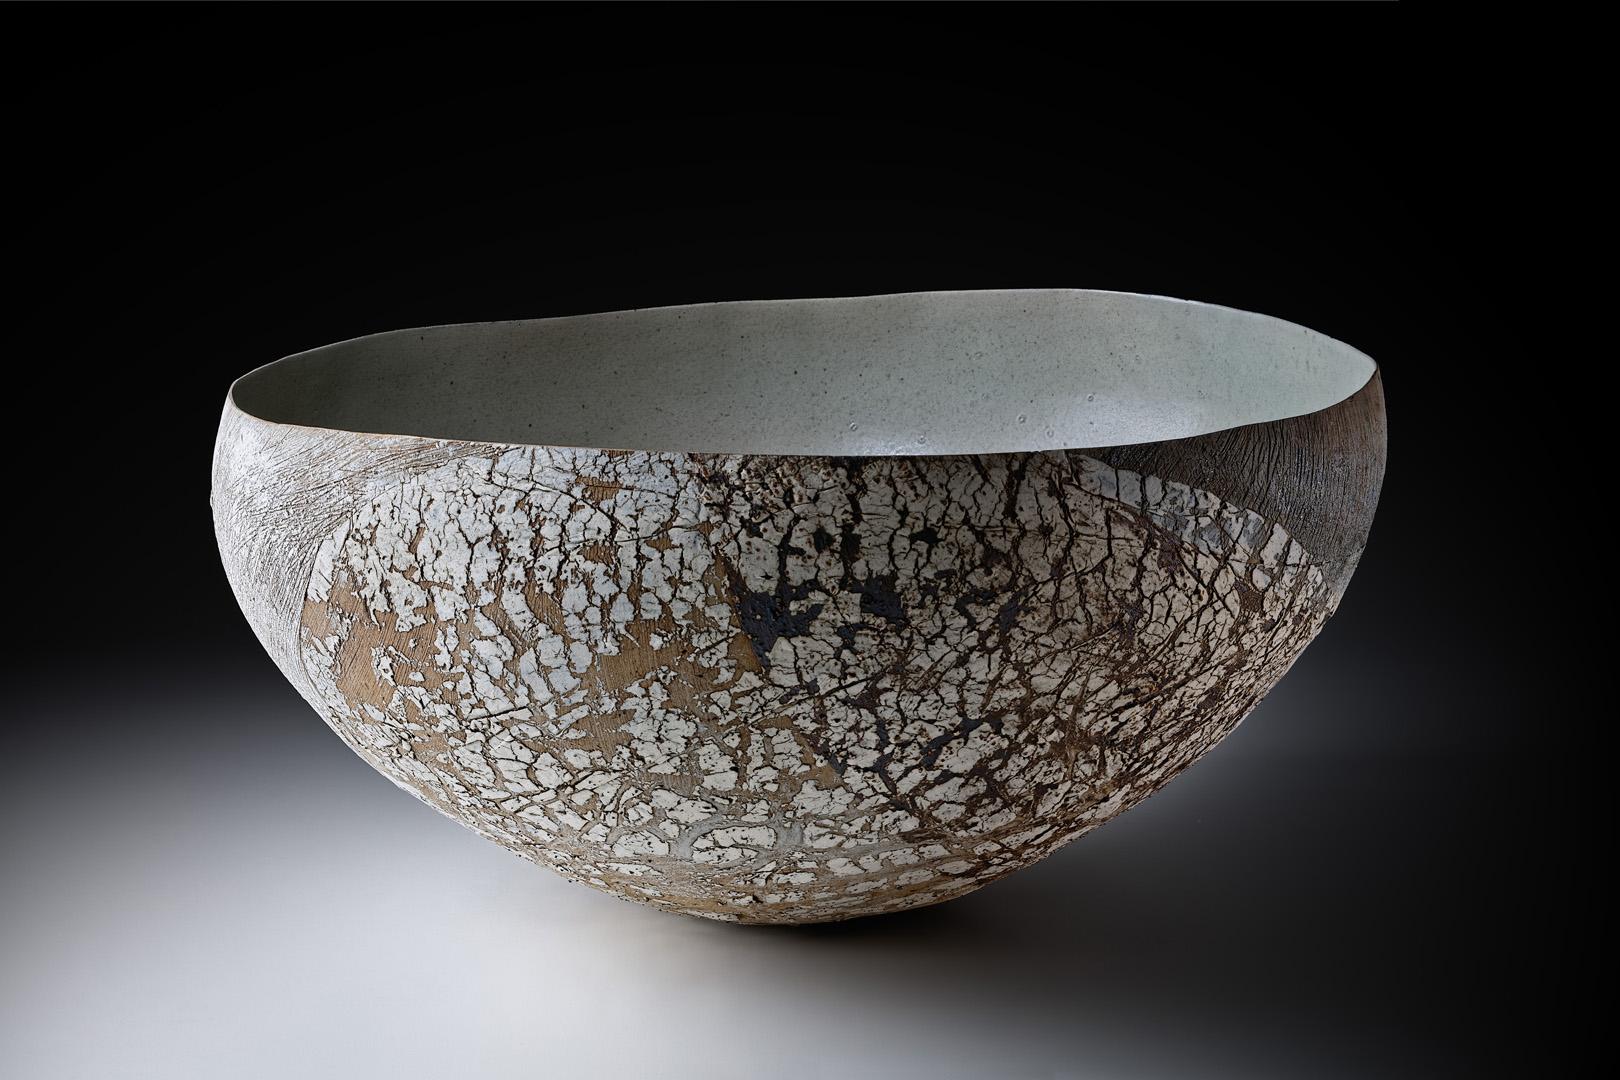 Große Strukturschale; Höhe 25 cm / Durchmesser 49,5 cm; Steinzeug; Engoben; Oxyde; Glasur; 2017